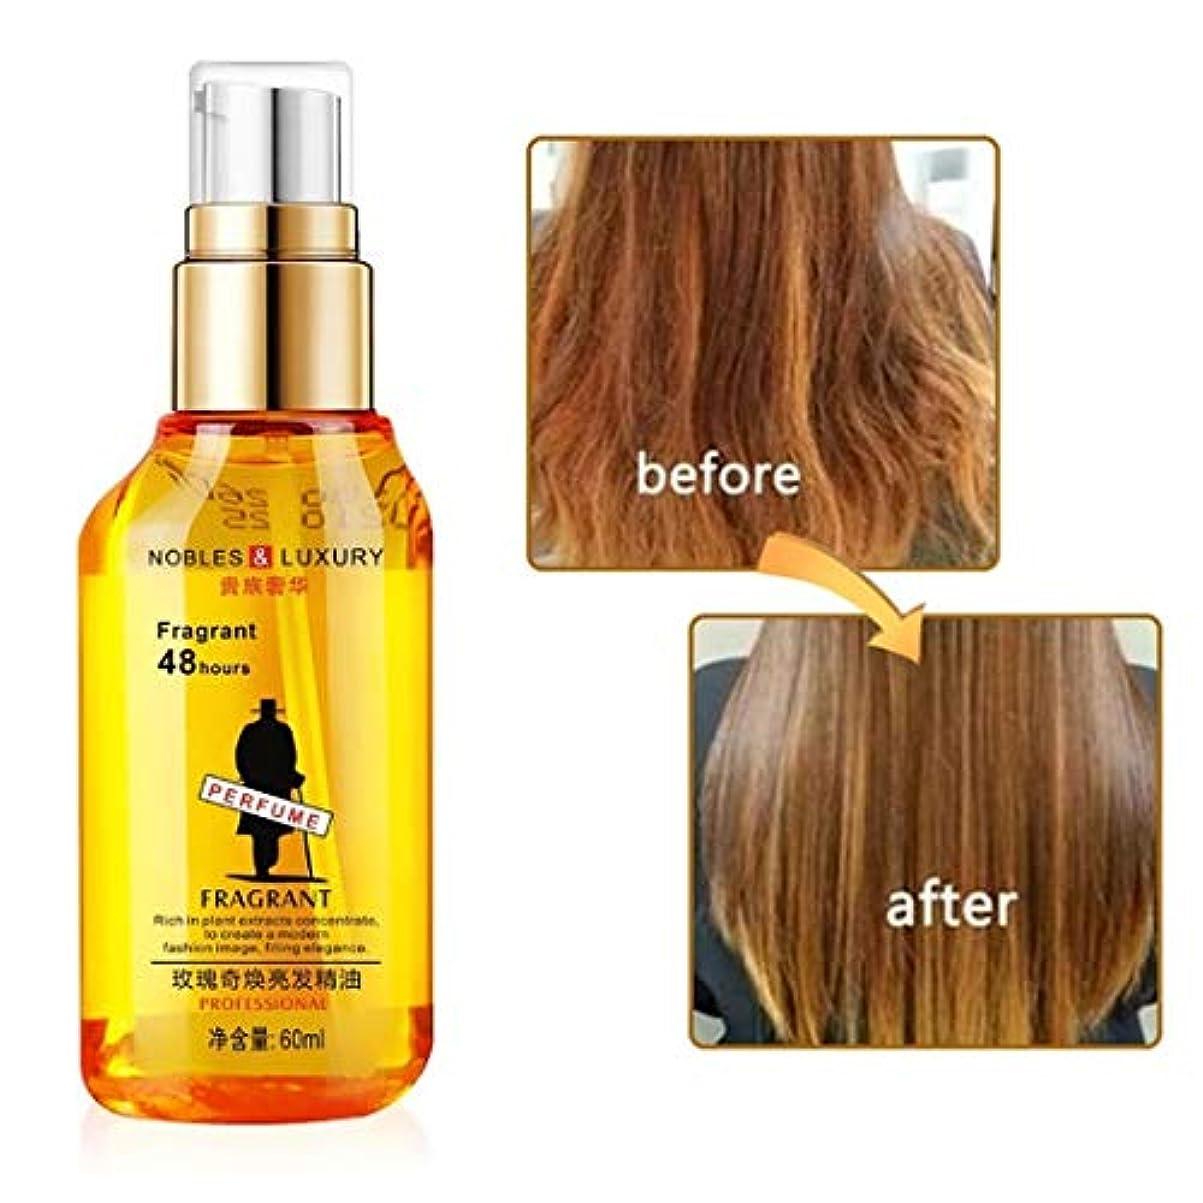 不条理役割鑑定ハーブの毛の成長の反毛損失の液体は厚く速い毛の成長の処置を促進します60ml精油のヘルスケアの美の本質